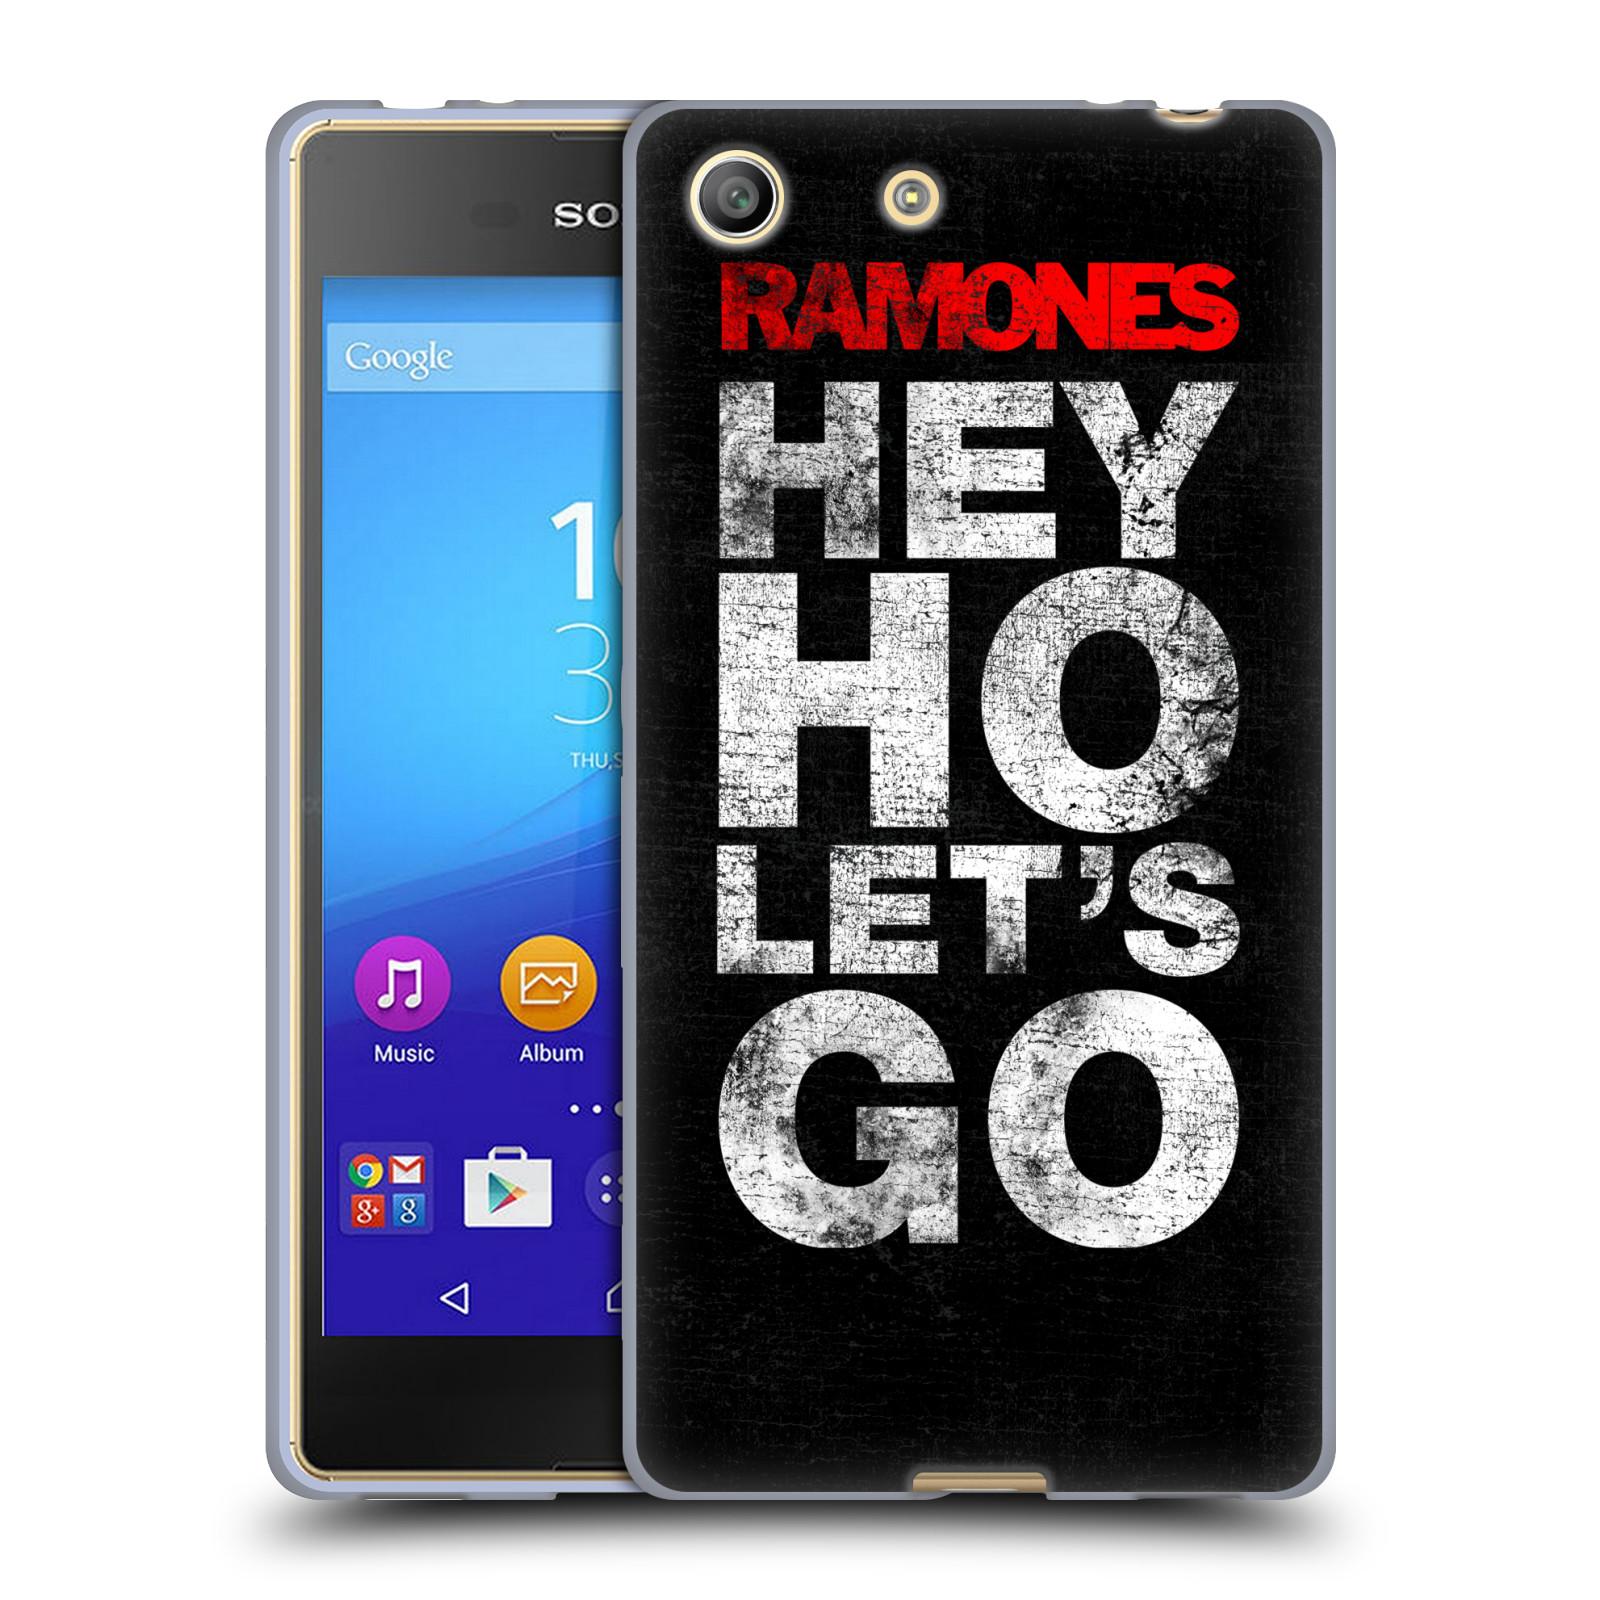 Silikonové pouzdro na mobil Sony Xperia M5 HEAD CASE The Ramones - HEY HO LET´S GO (Silikonový kryt či obal na mobilní telefon s oficiálním licencovaným motivem The Ramones pro Sony Xperia M5 Dual SIM / Aqua)